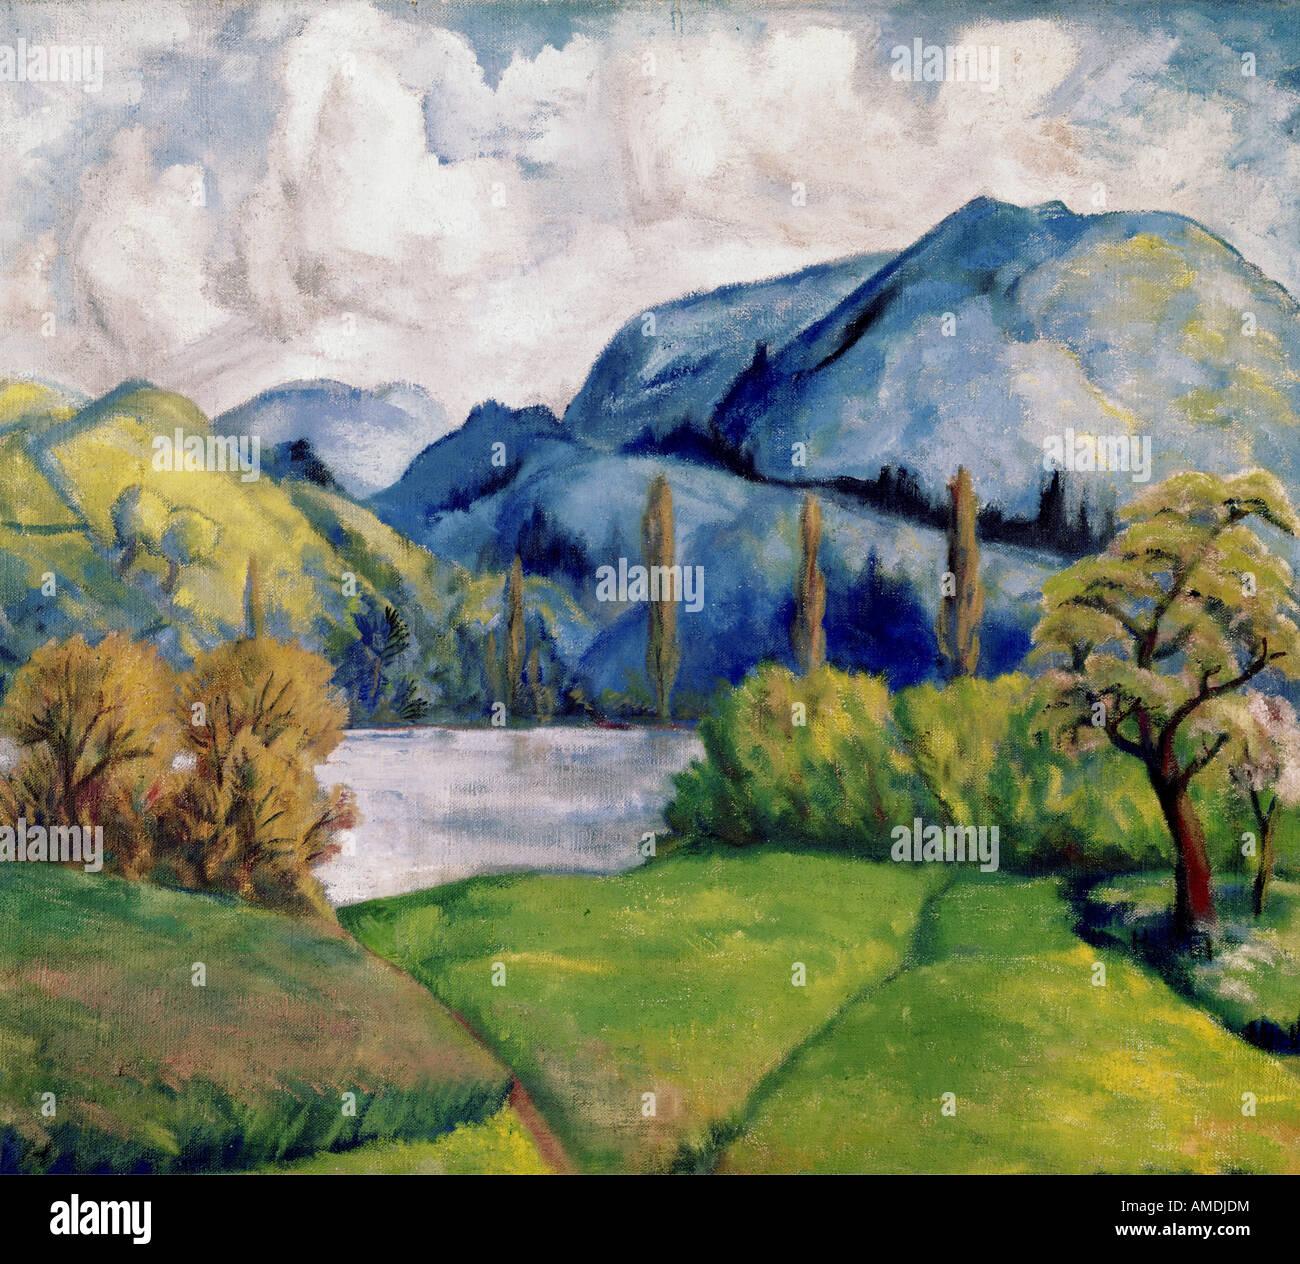 Belle arti, Cezanne, Paolo (1839 - 1906), la pittura, il Kunsthaus Zürich, Francese, impressionsm, natura, Immagini Stock